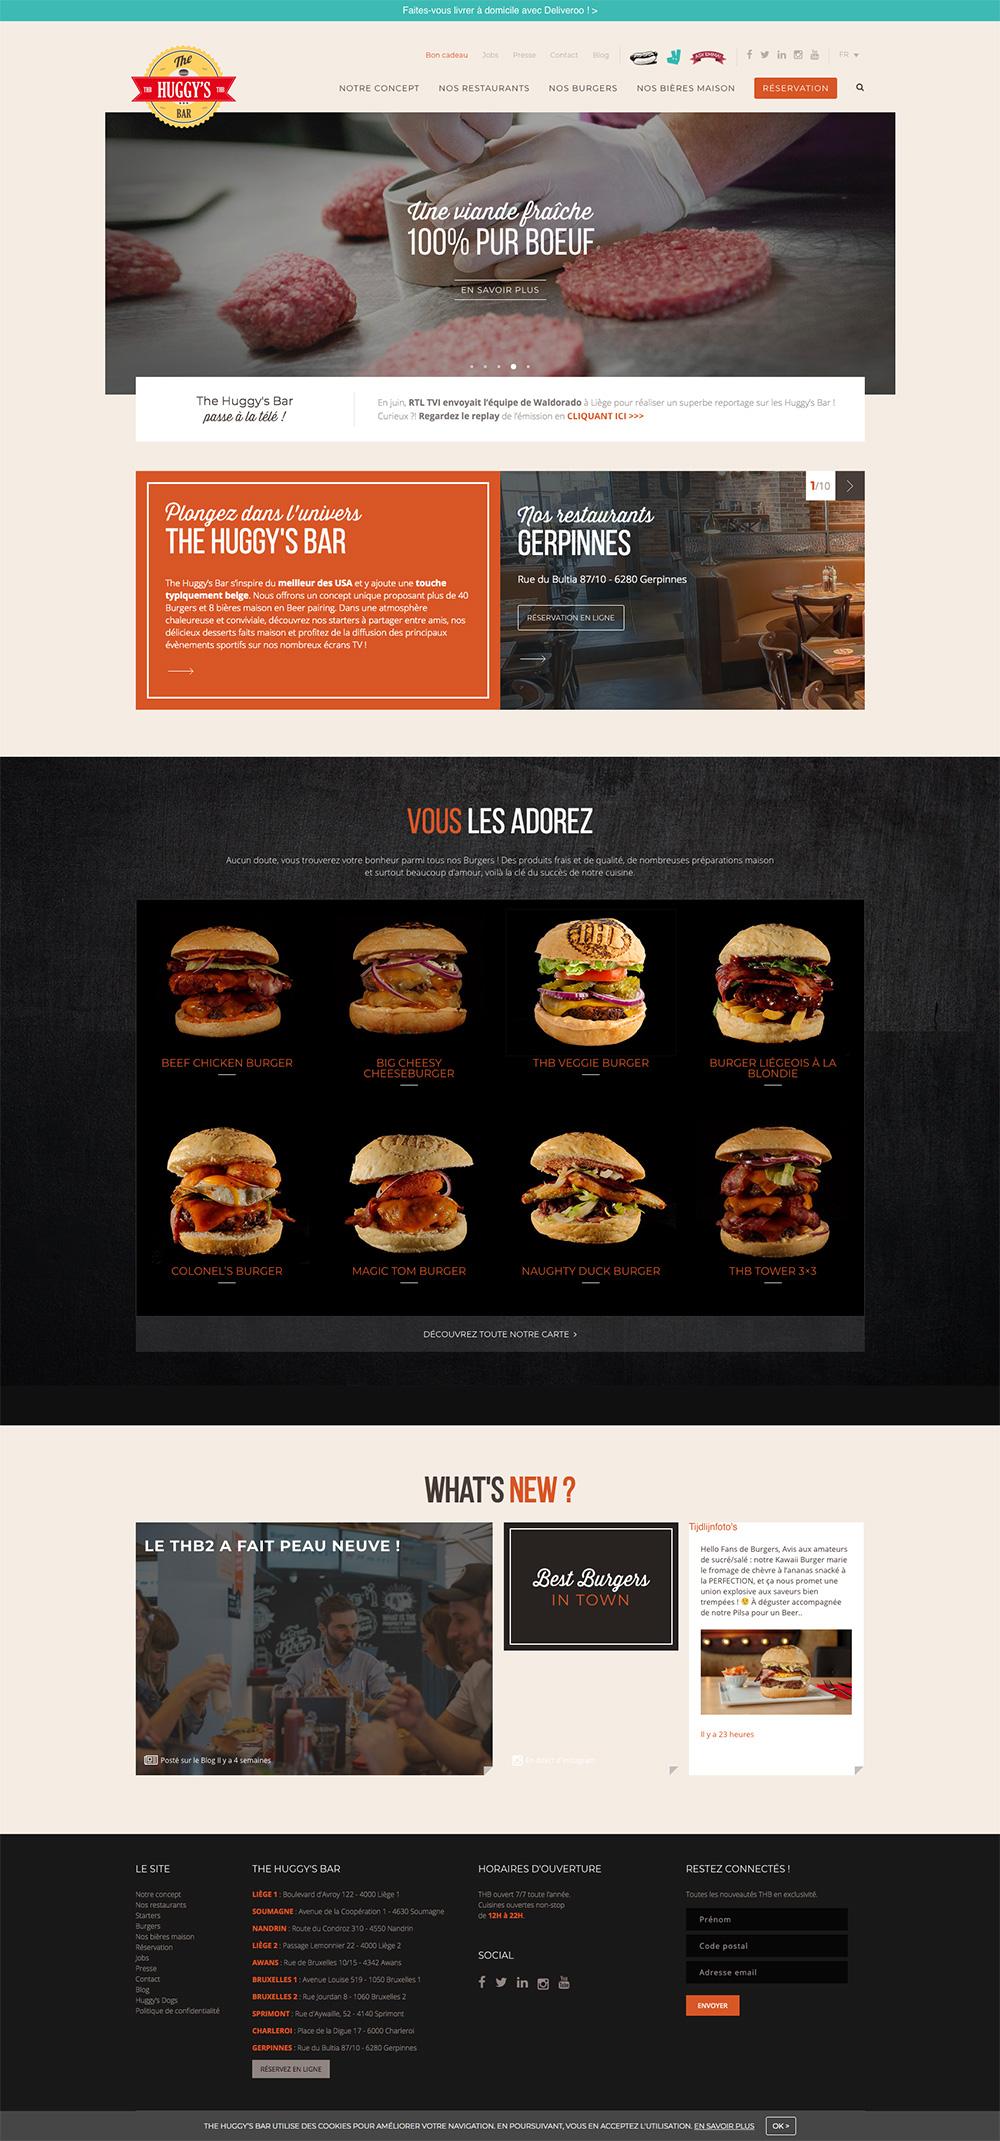 Screenshot de la page d'accueil du site internet The Huggy's Bar